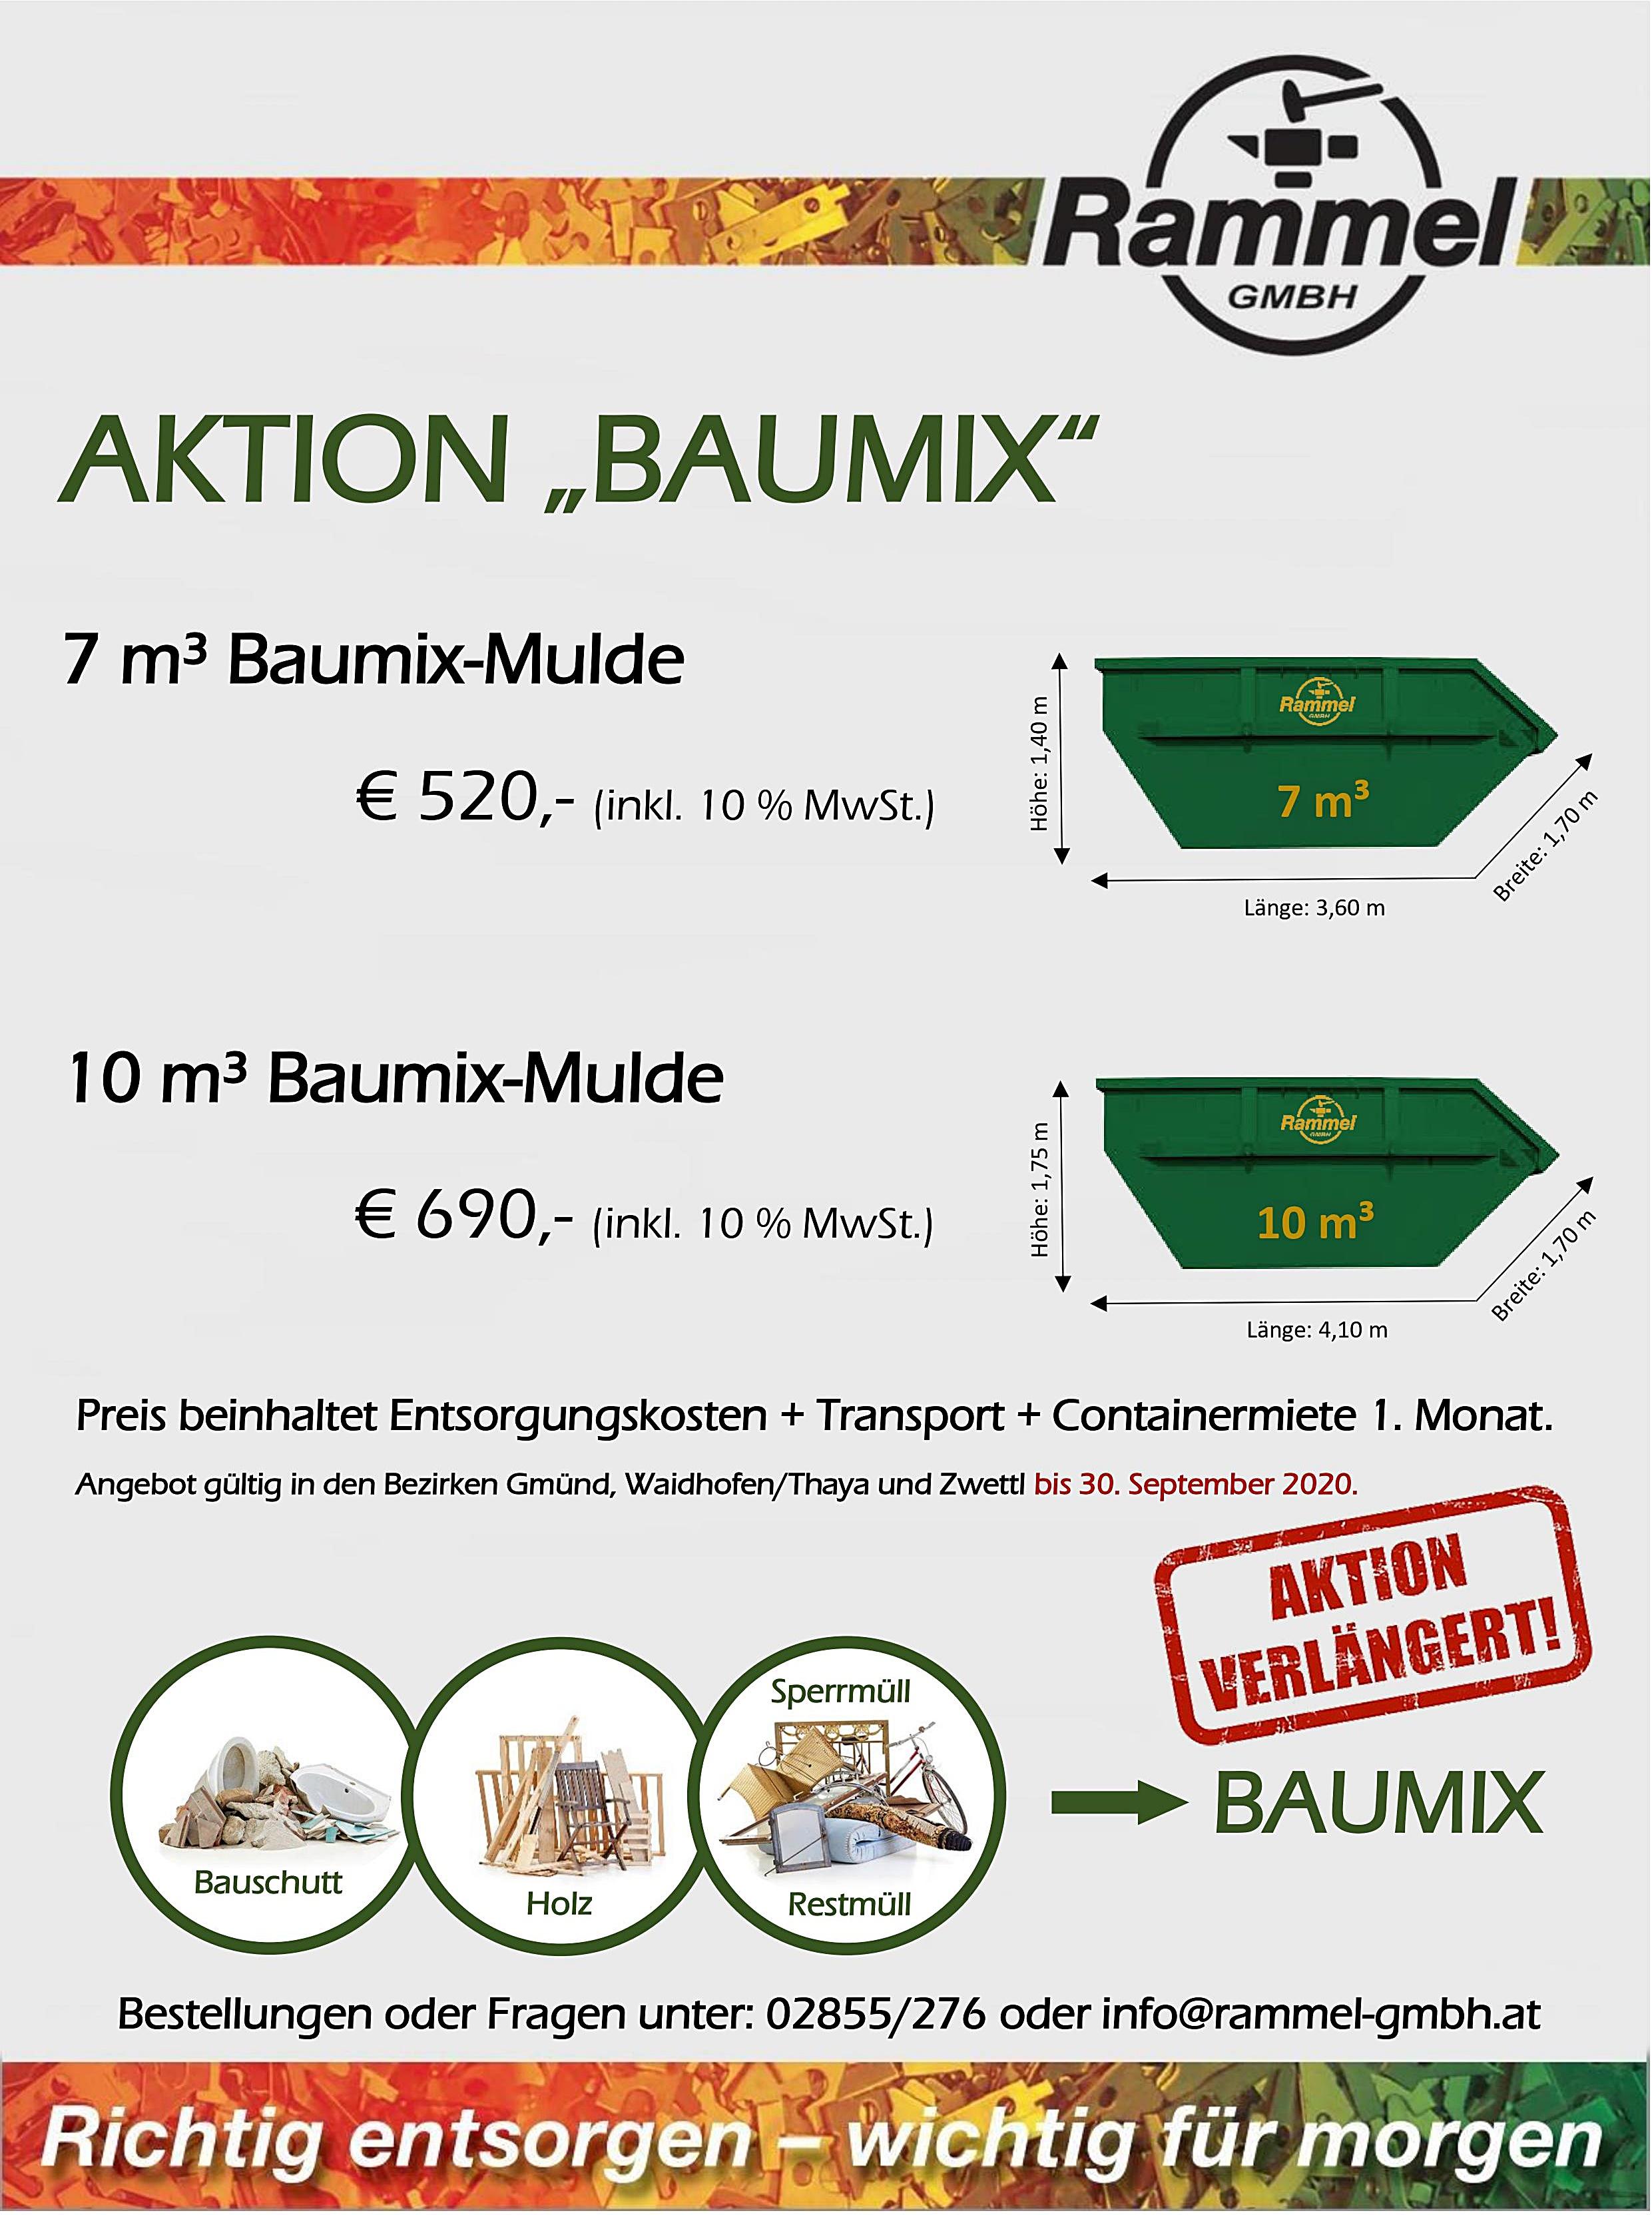 Baumix Aktion Verlängerung